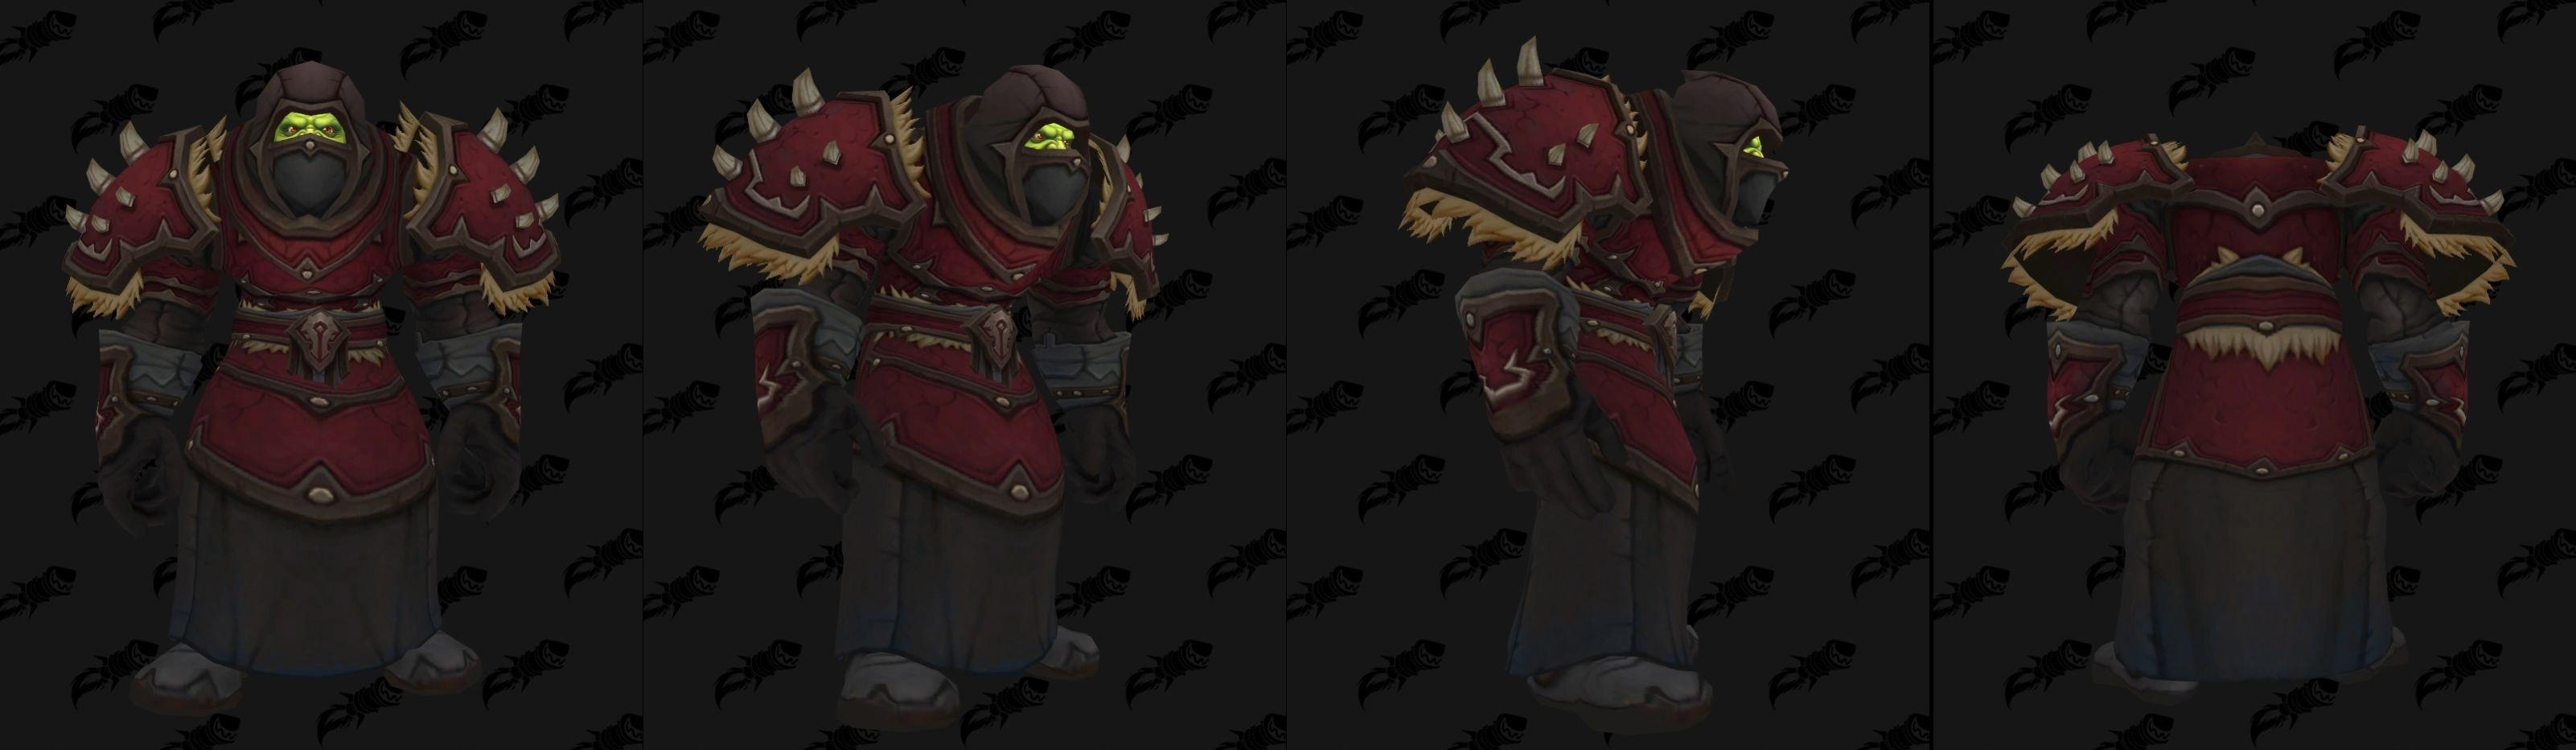 Armures cuir (Horde) - Fronts de guerre Tier 2 - Coloris 2